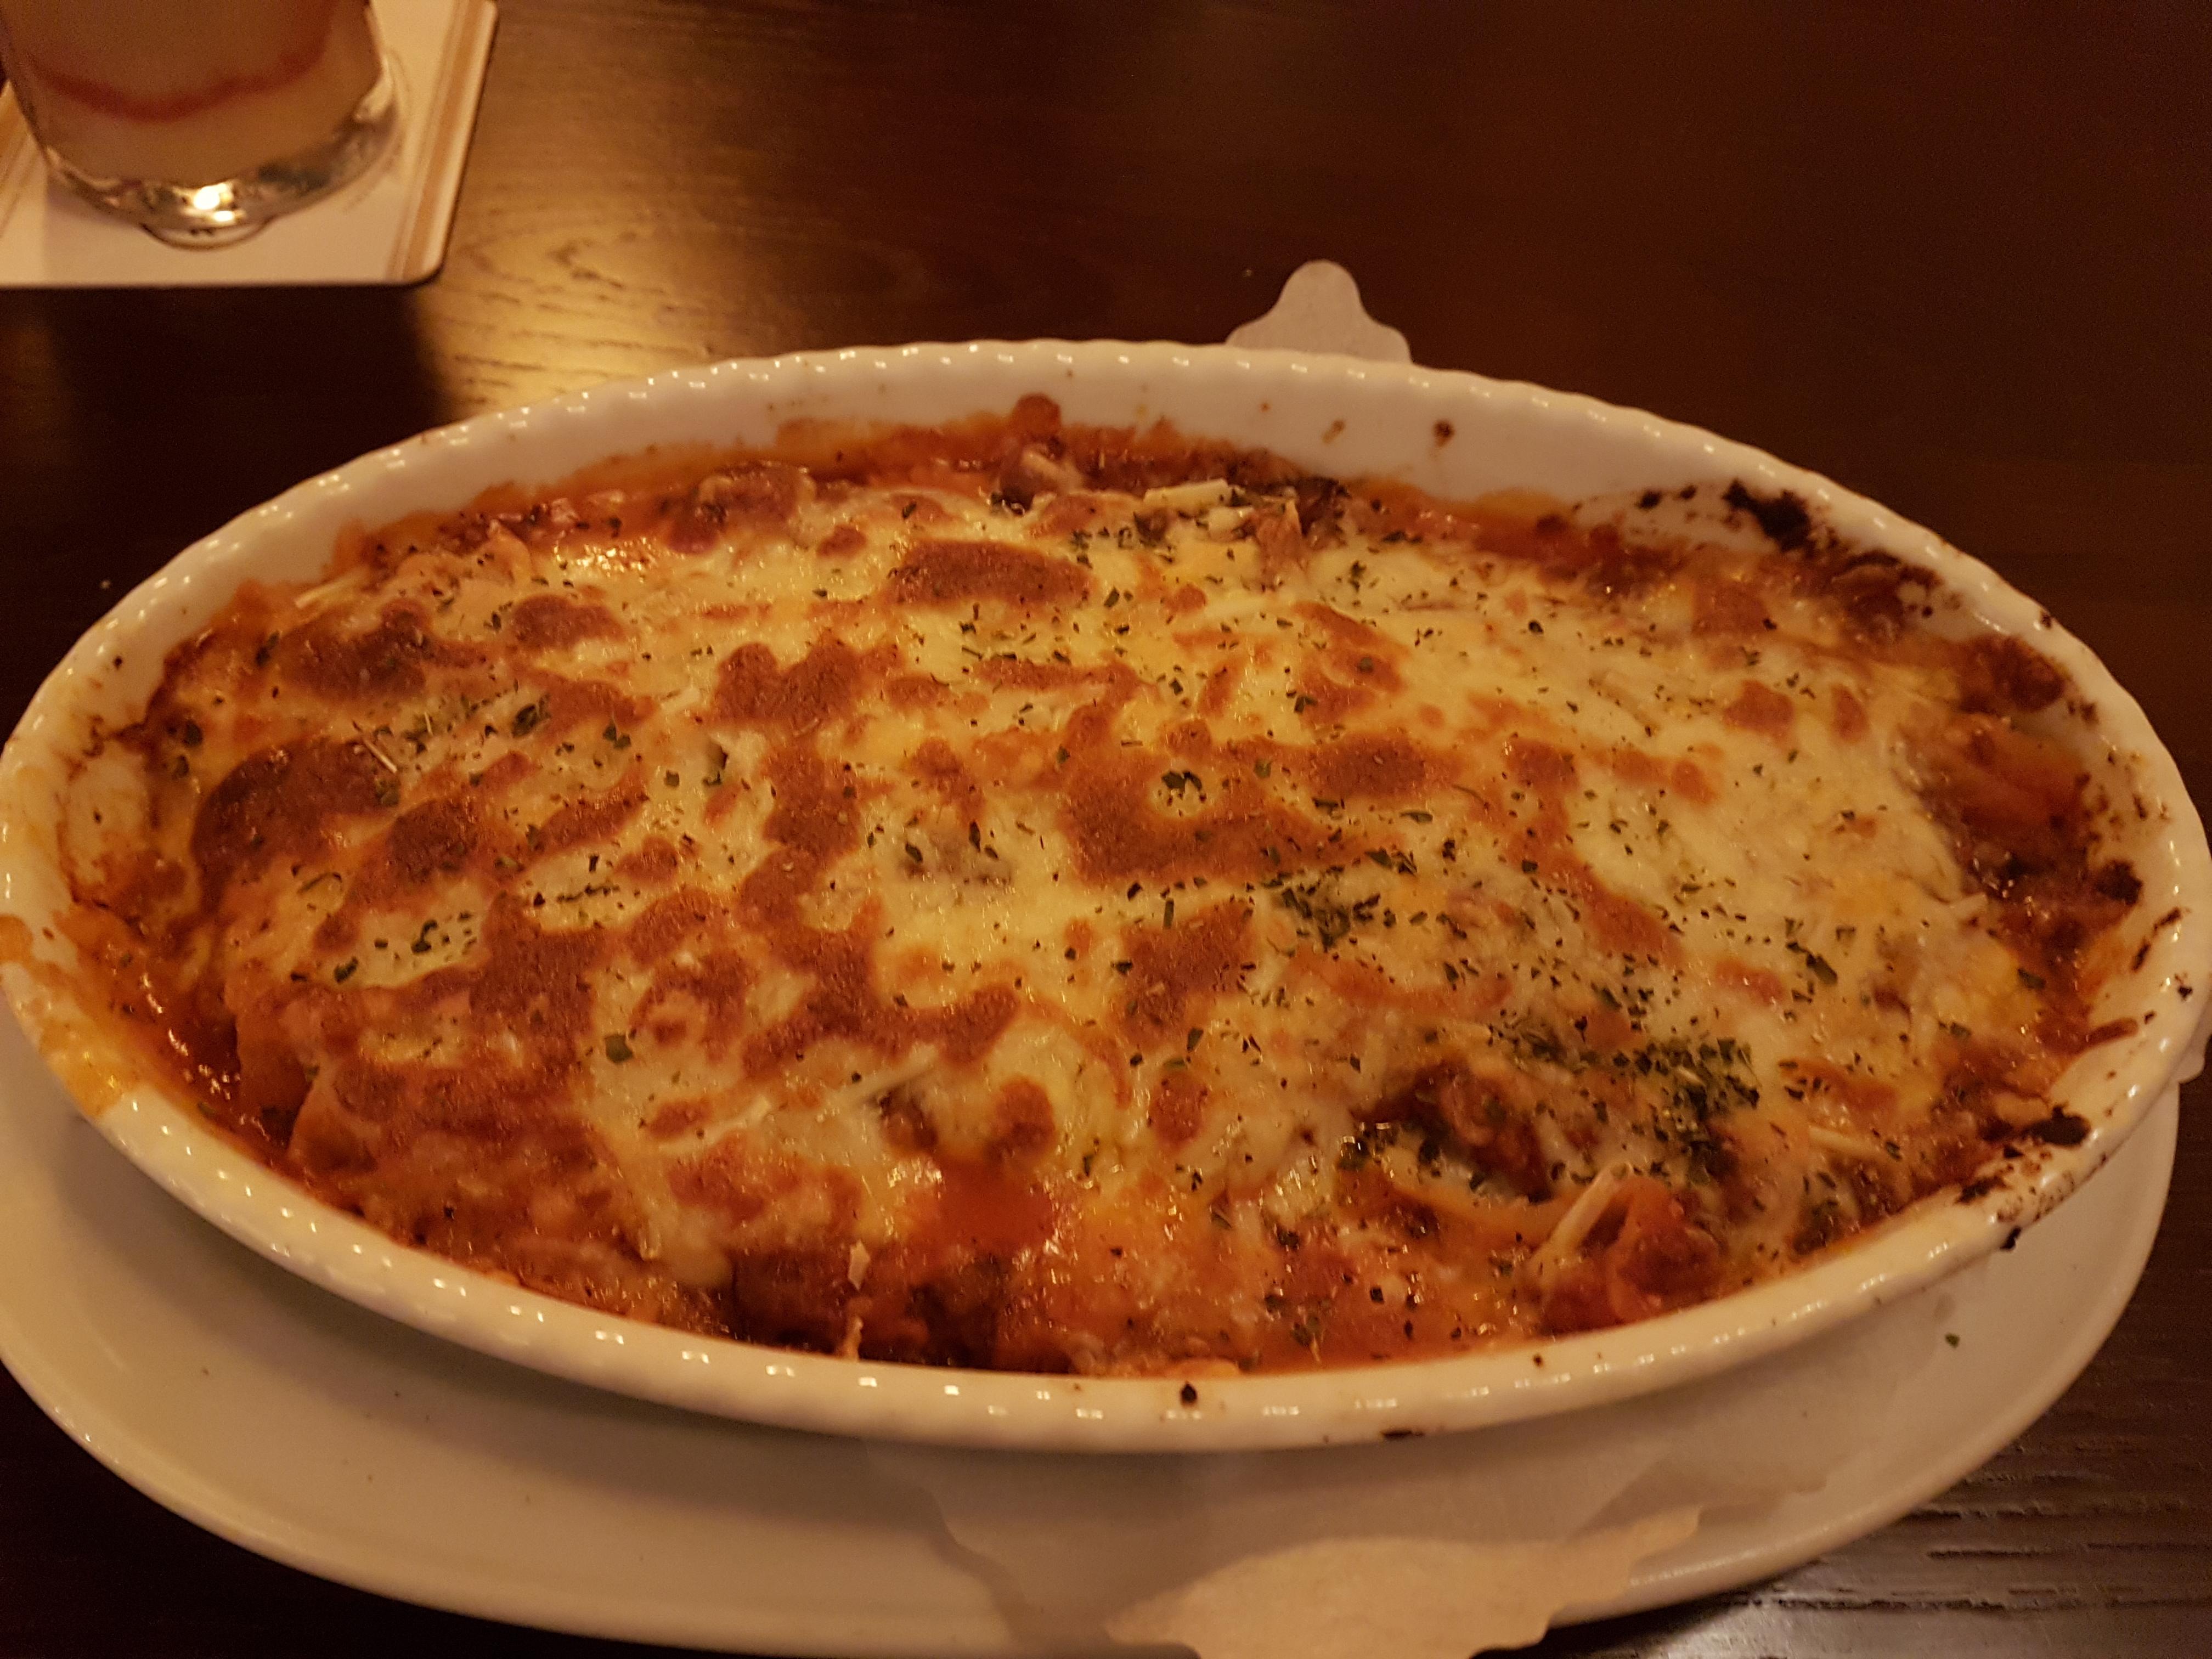 https://foodloader.net/Holz_2019-03-18_Lasagne.jpg